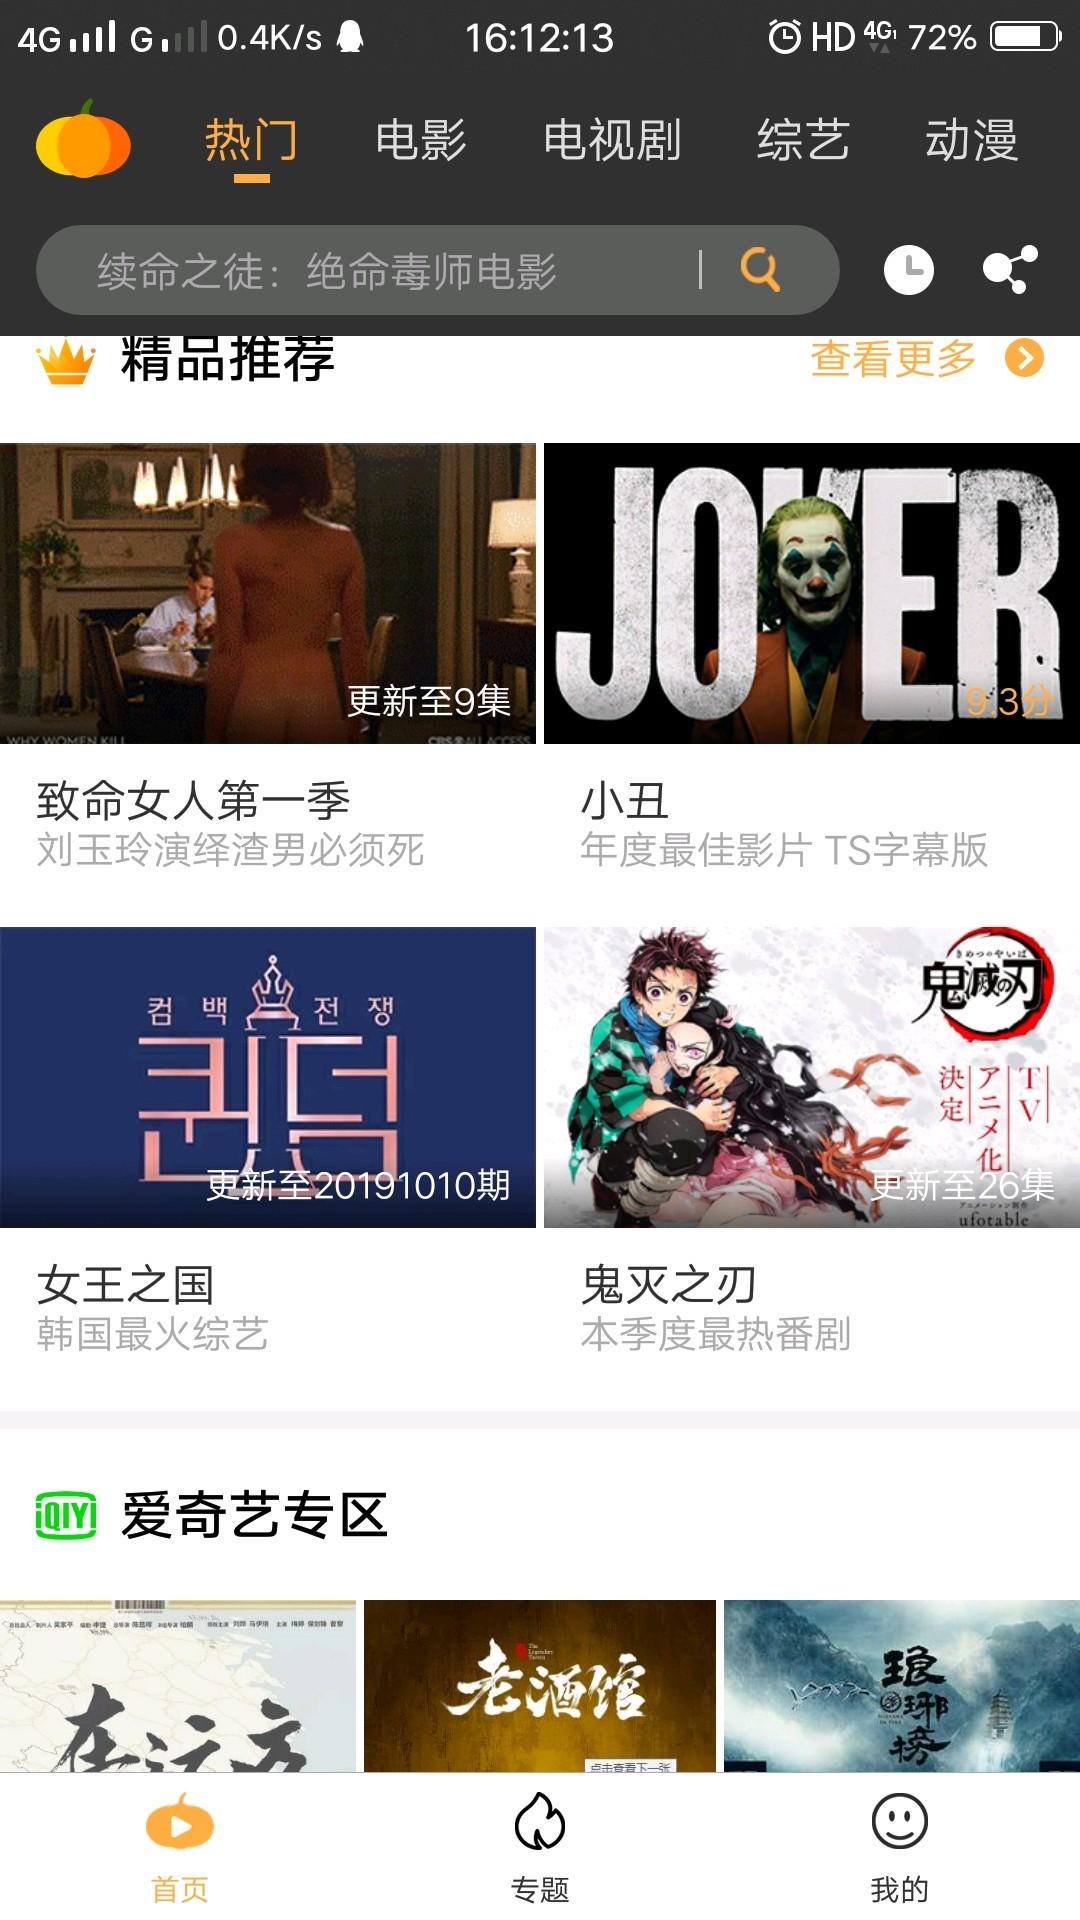 Screenshot_20191015_161213.jpg